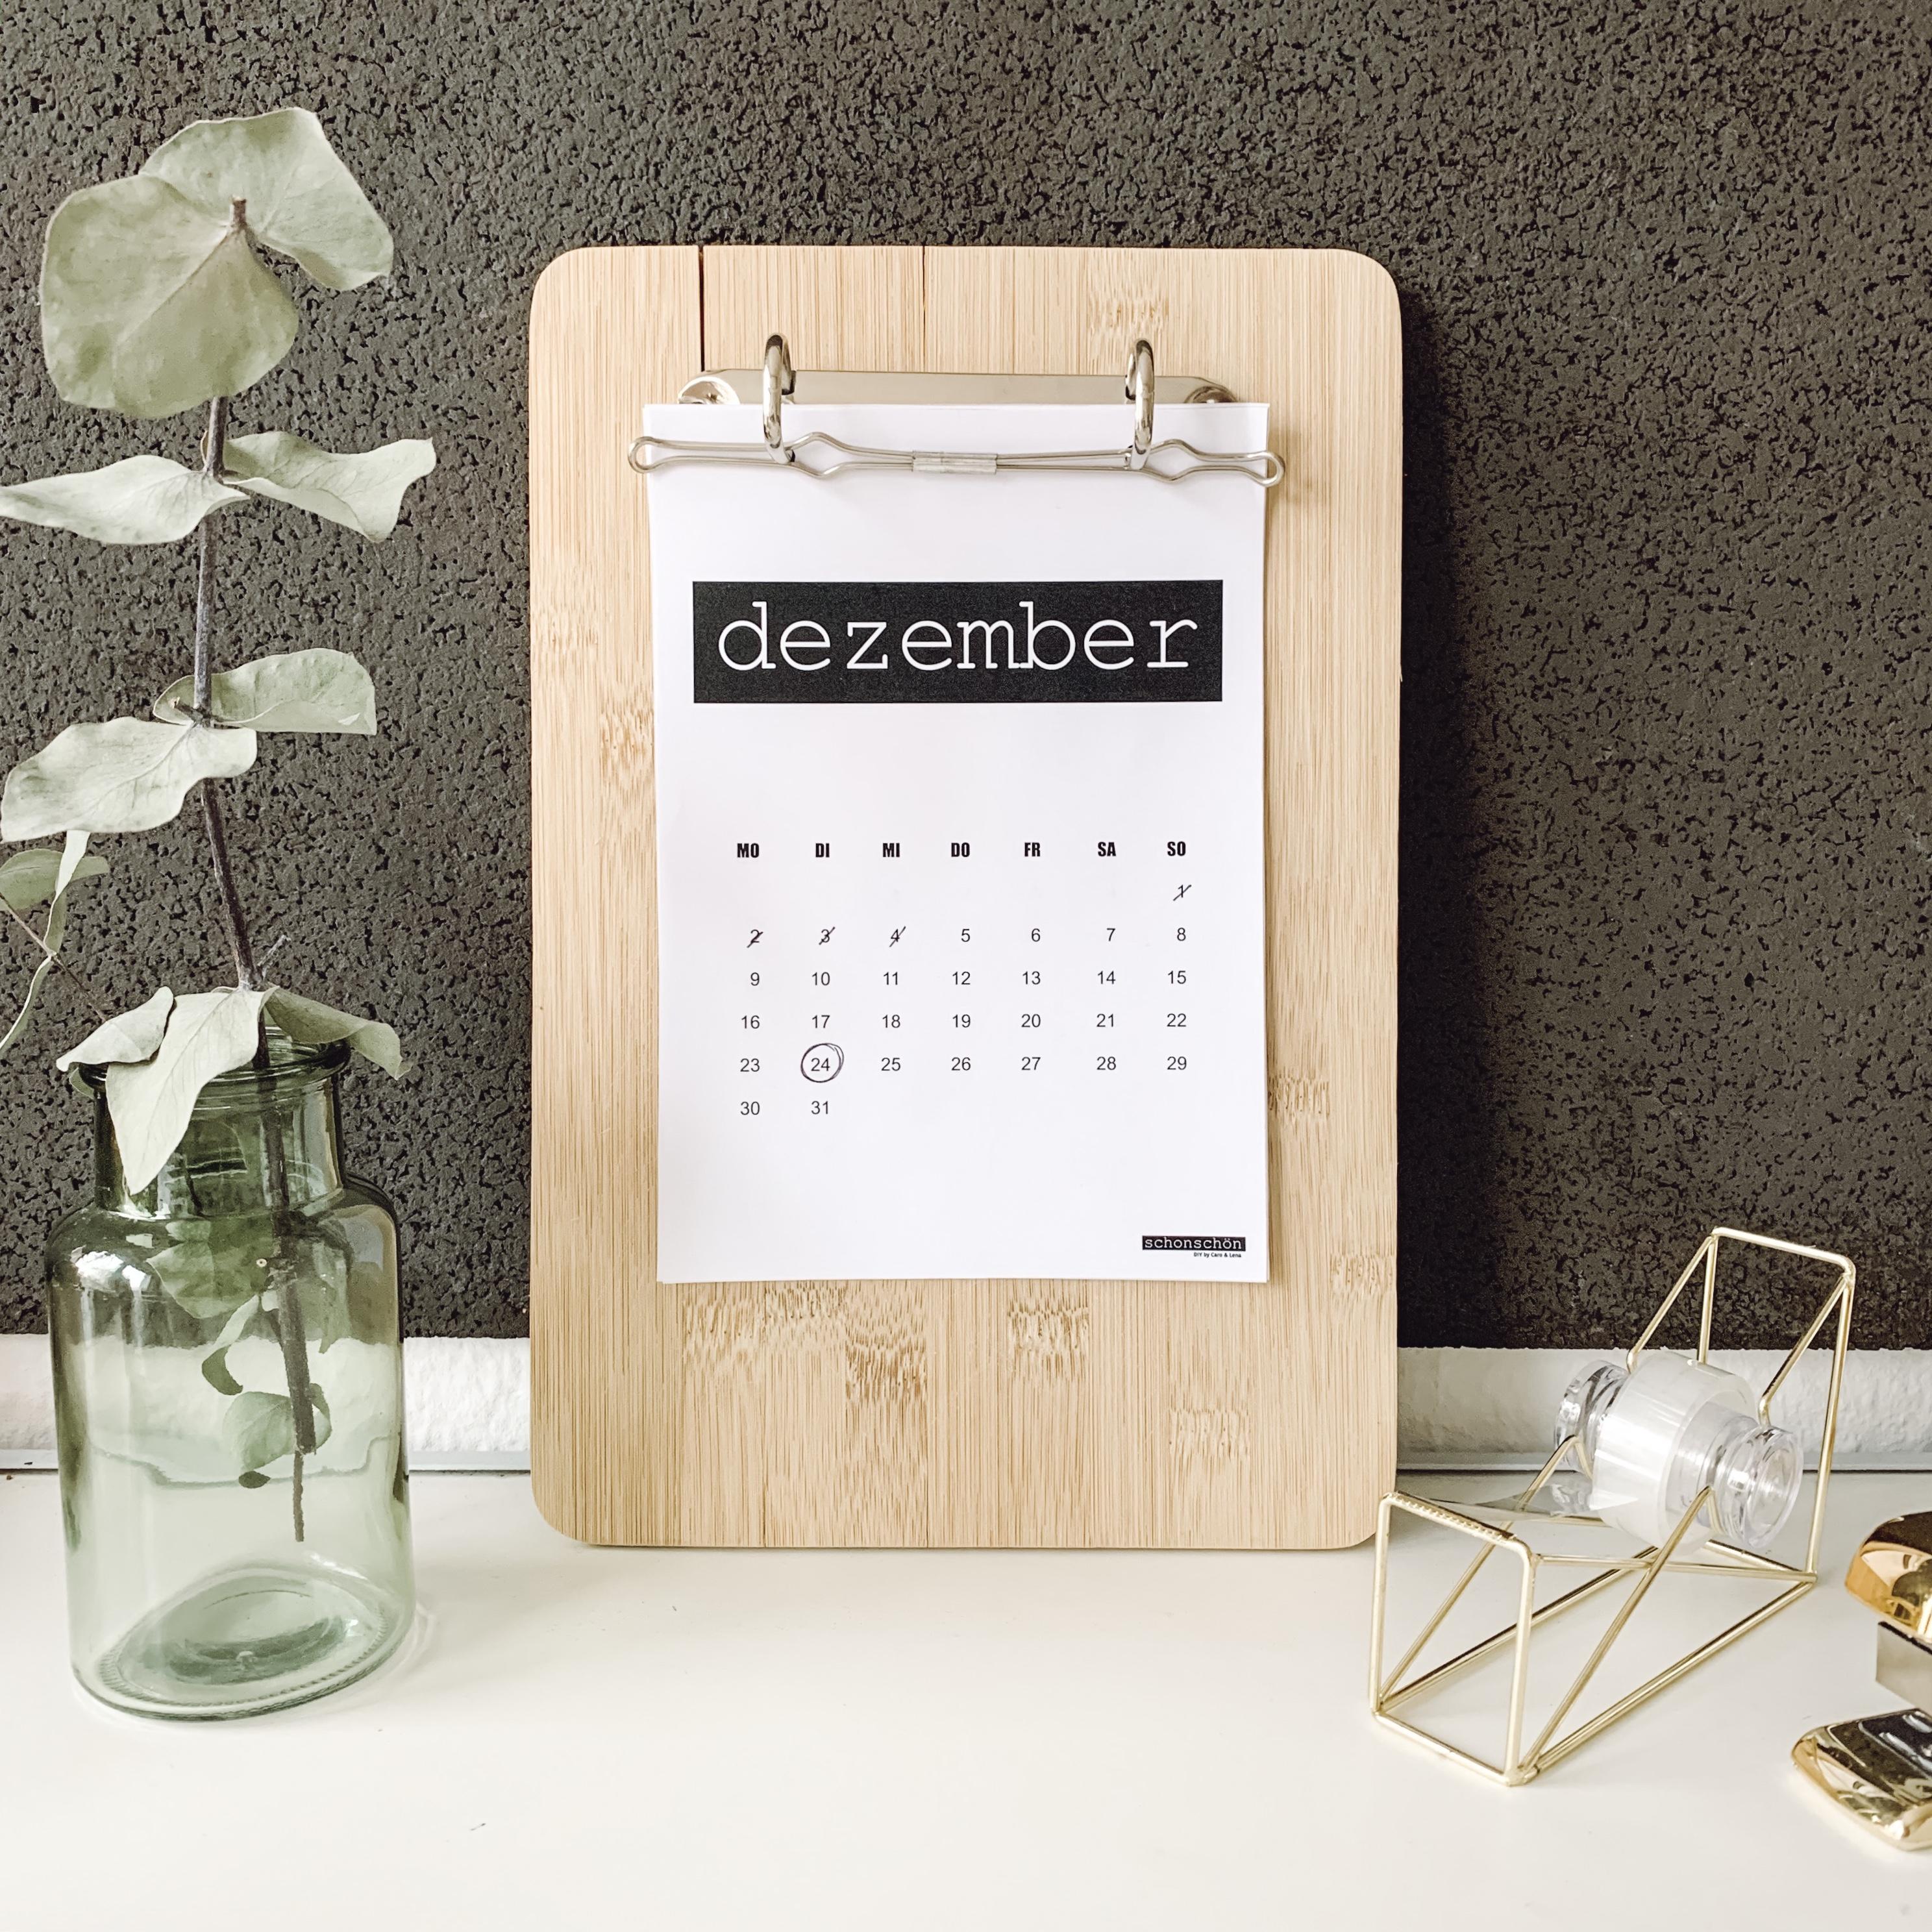 Upcycling Kalender mit kostenloser Vorlage